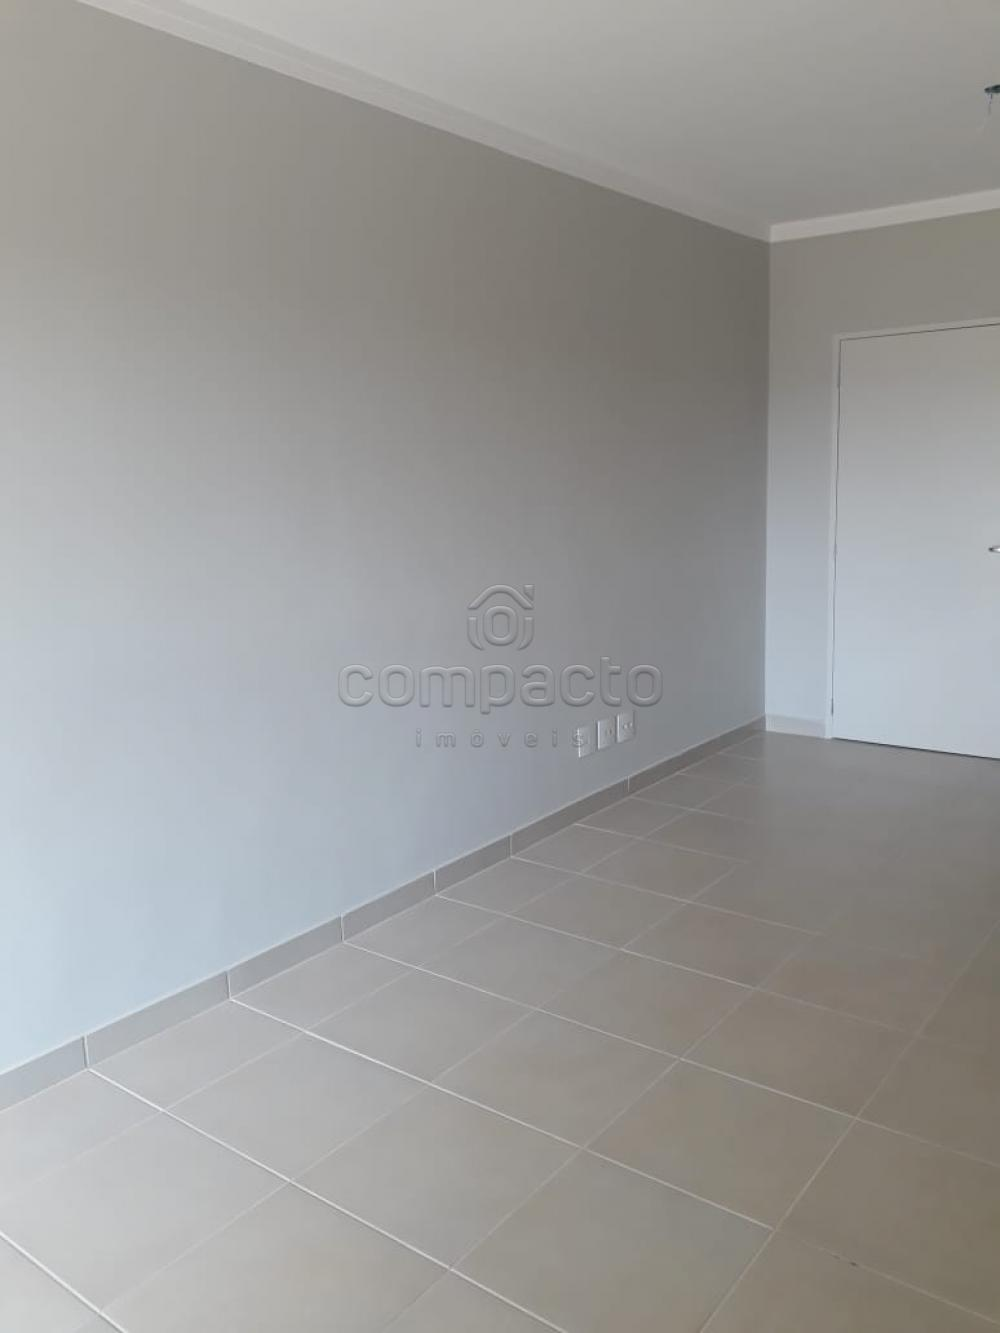 Alugar Apartamento / Padrão em São José do Rio Preto apenas R$ 1.600,00 - Foto 1